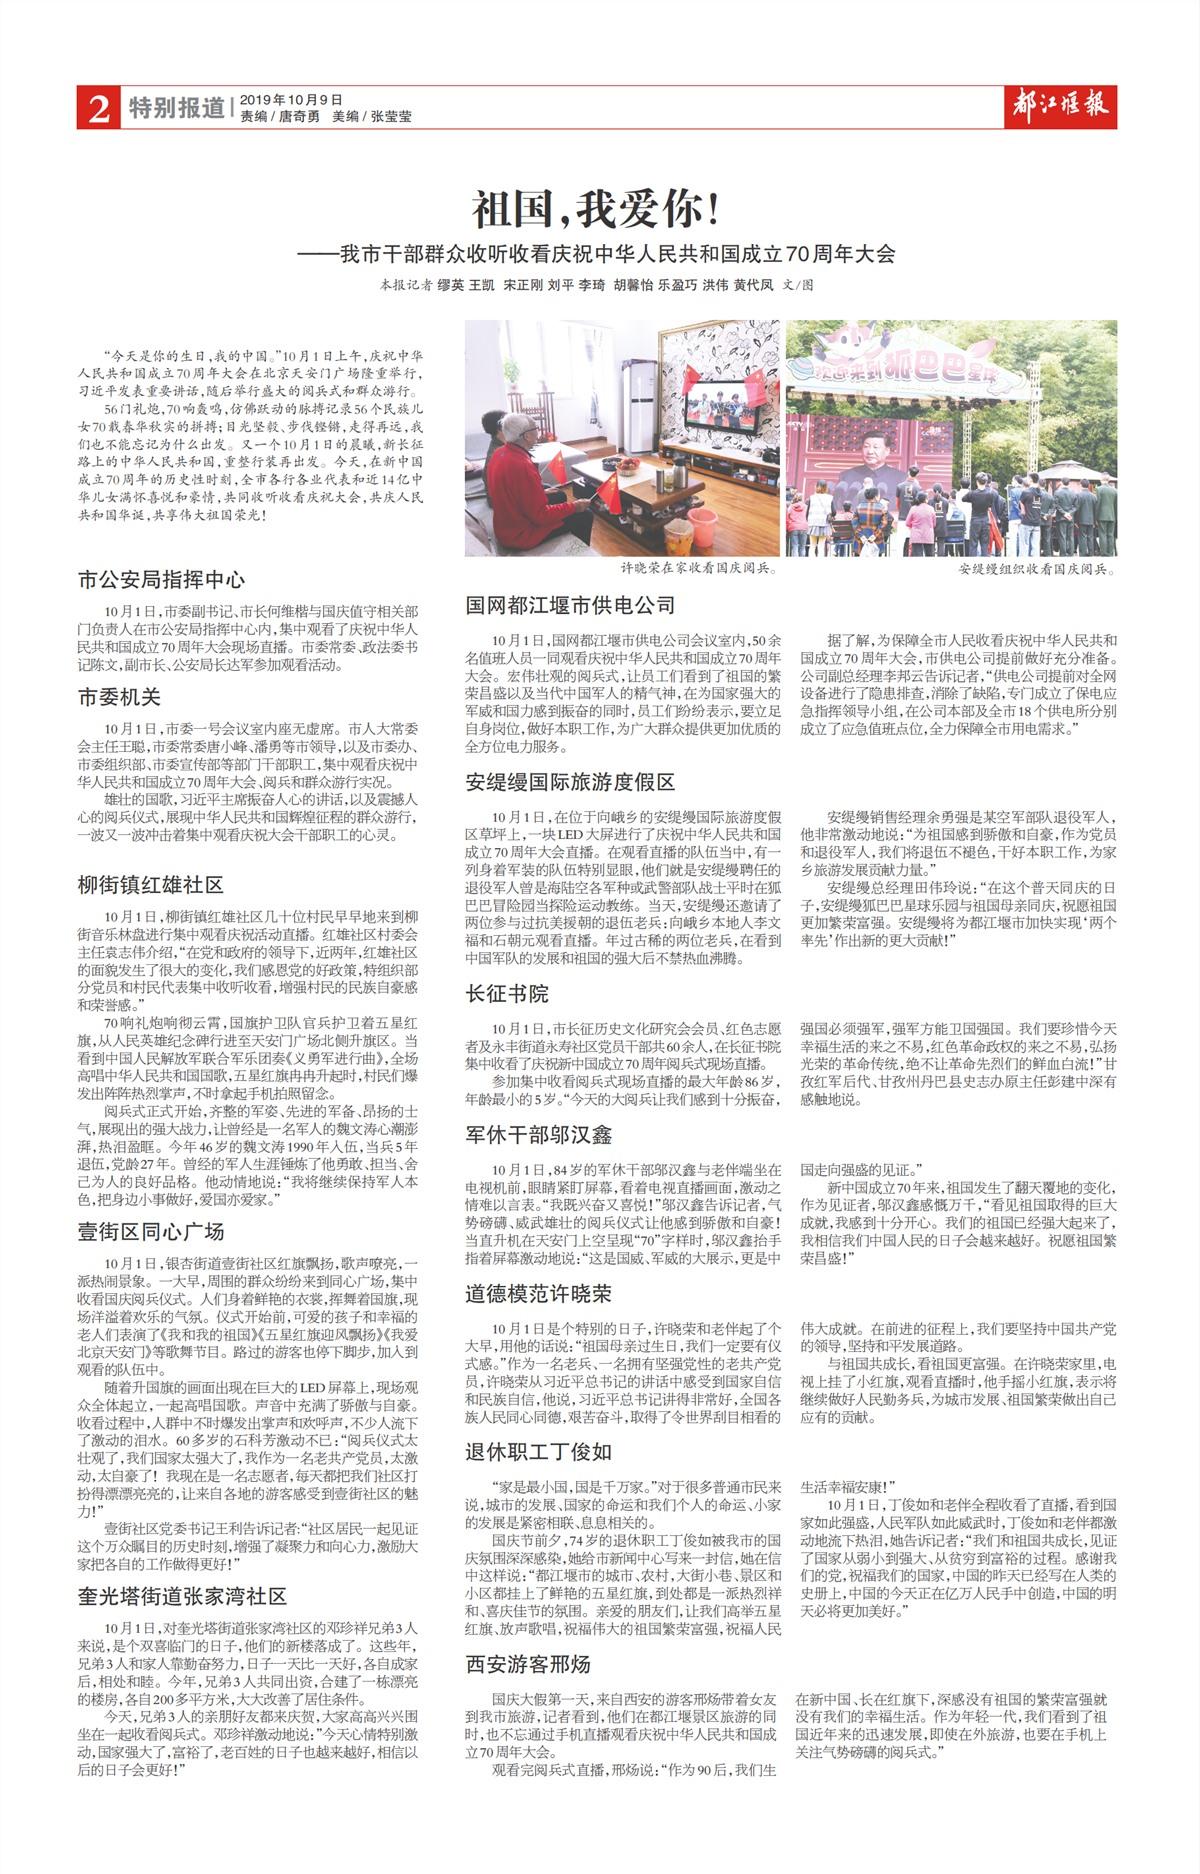 都江堰报特别报道